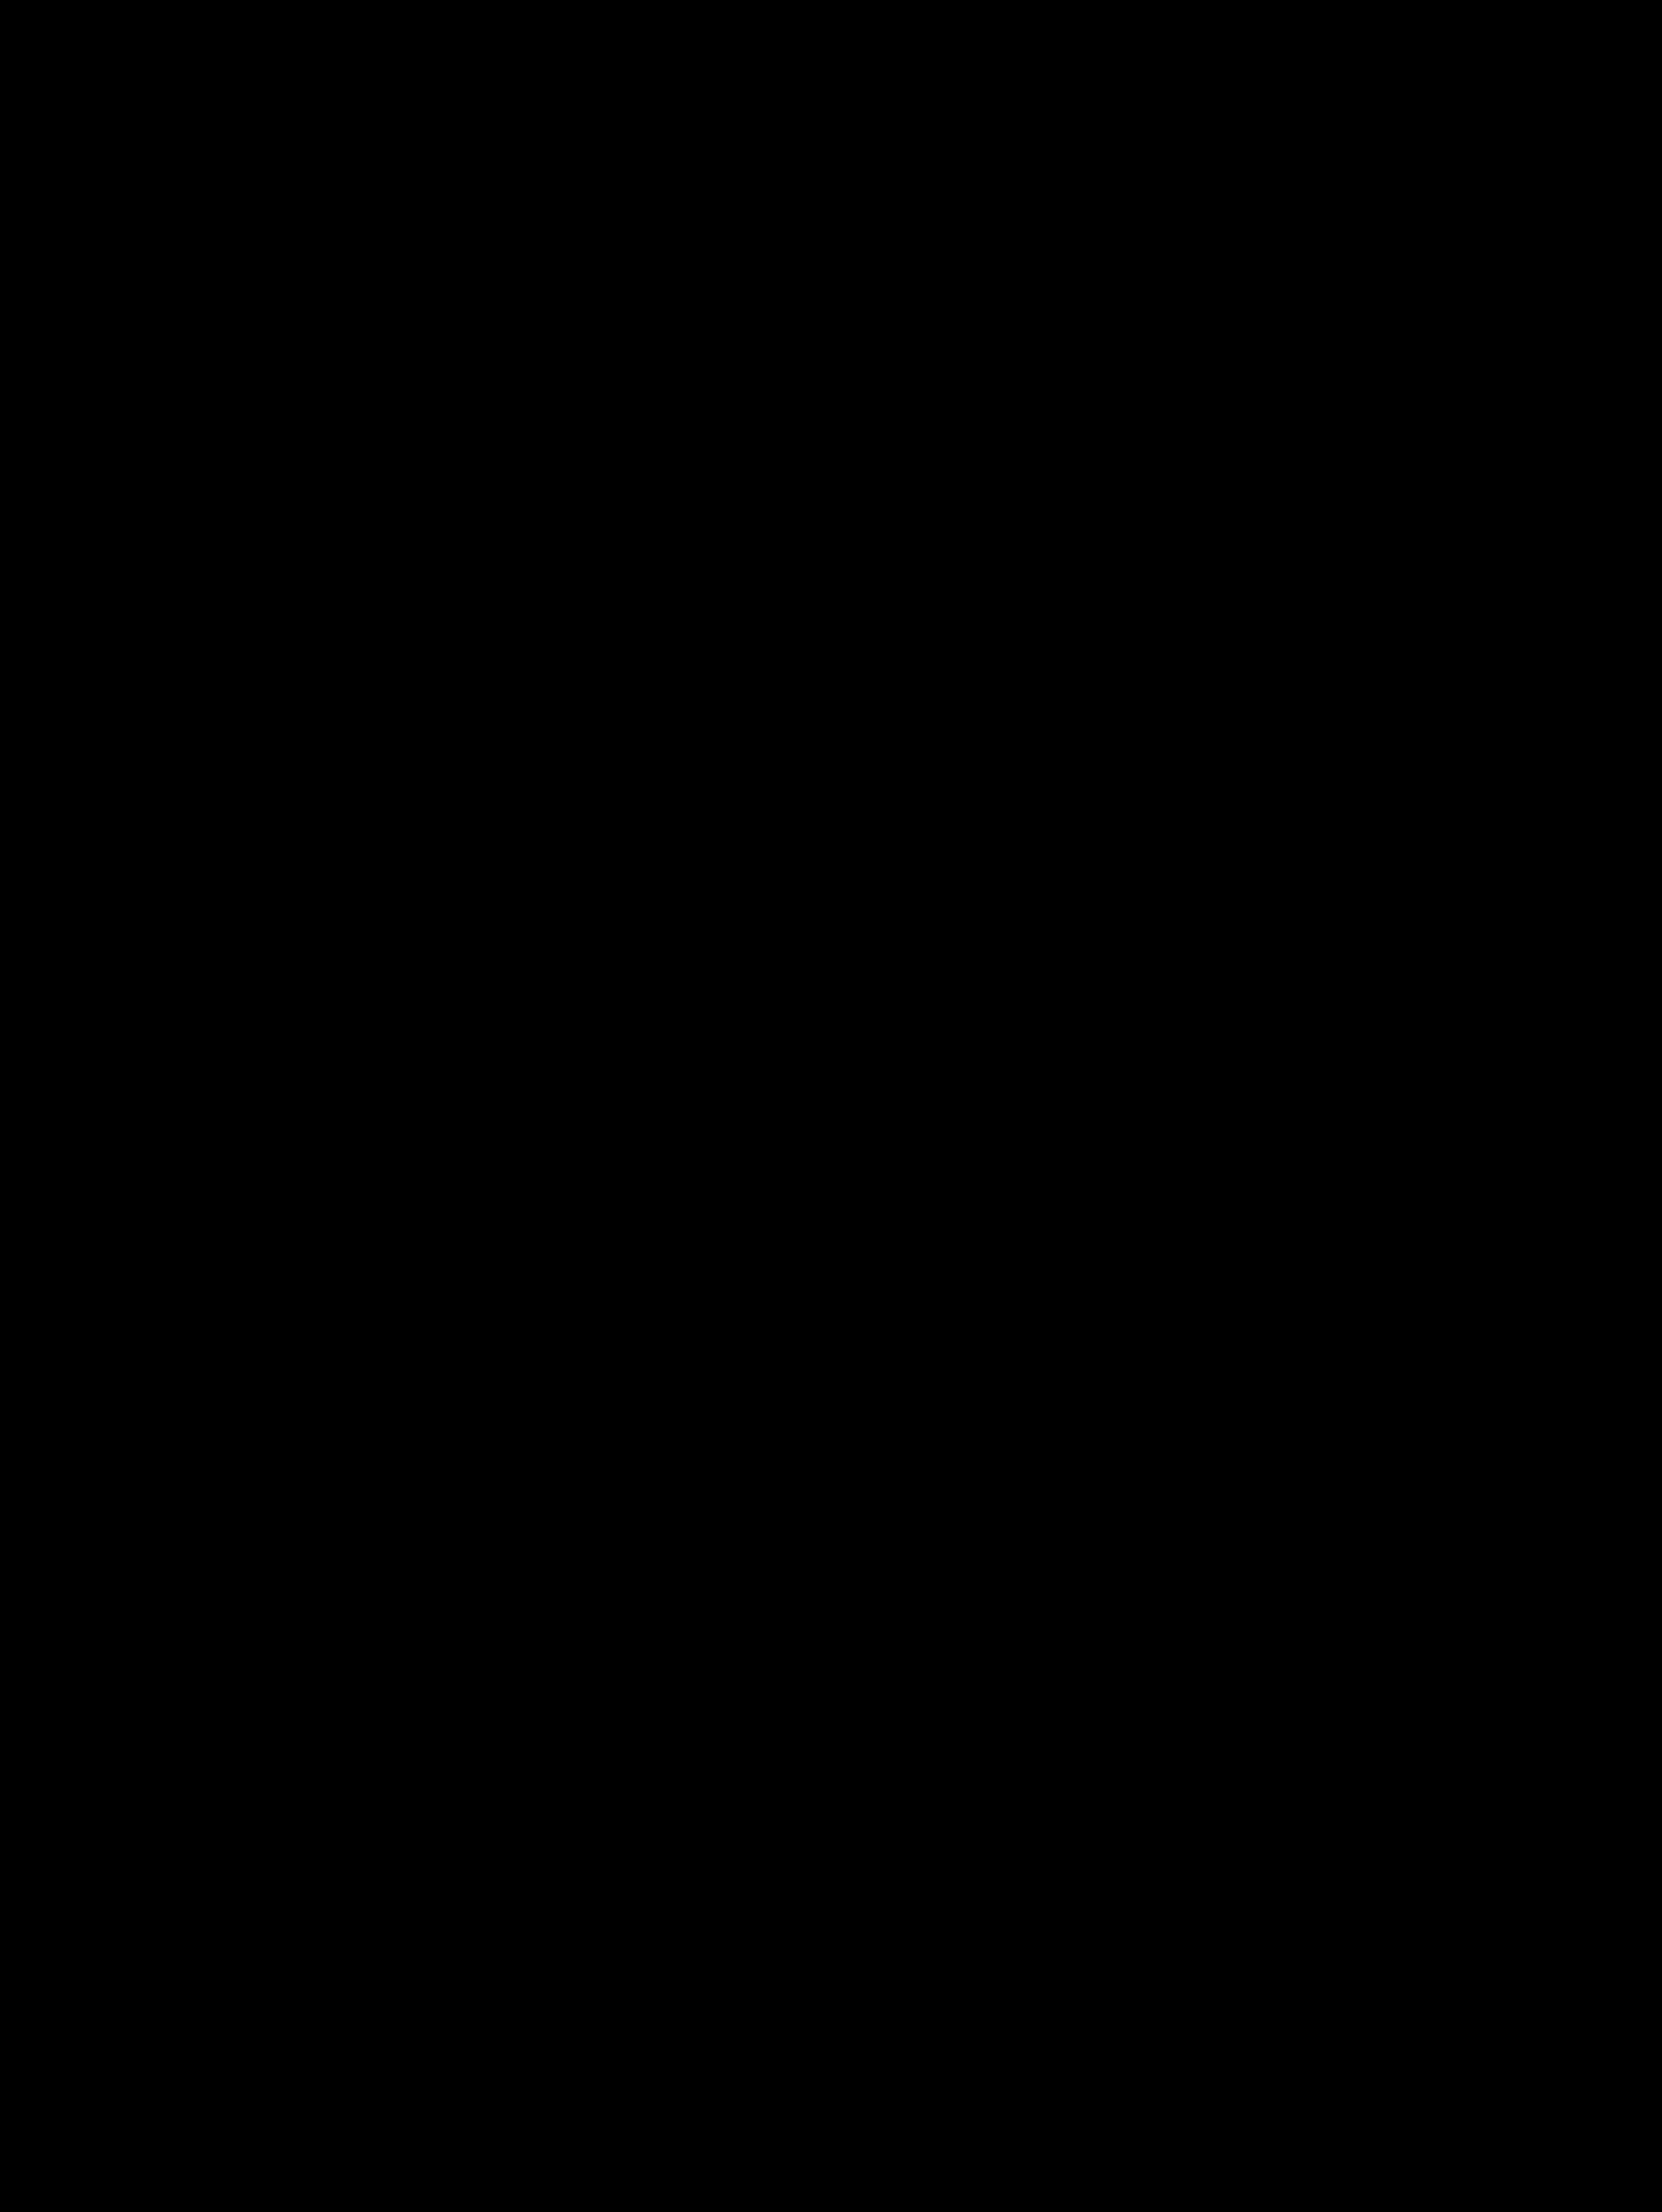 Nikola sensual touch can